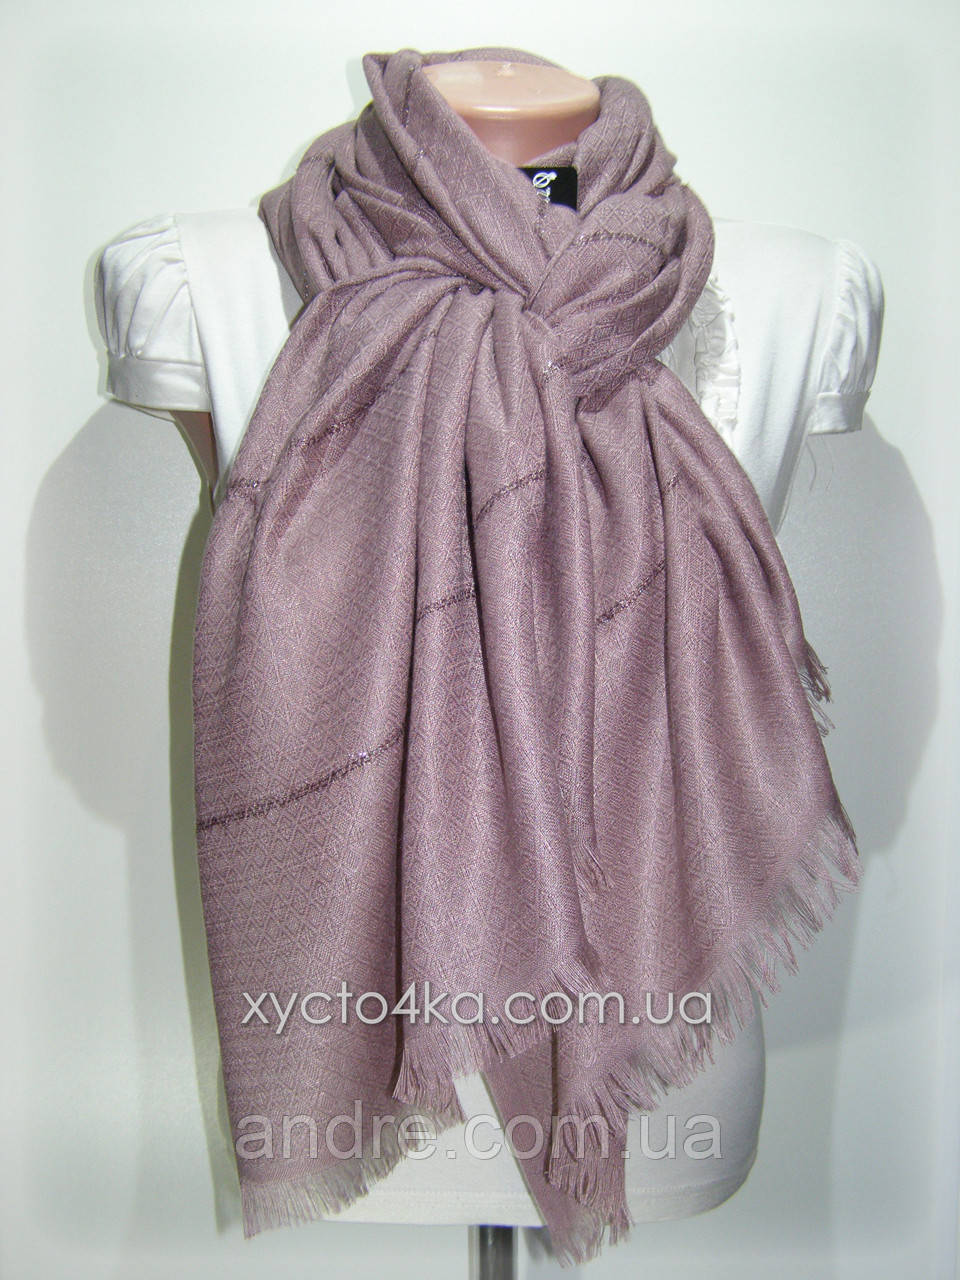 Однотонный шарф с люрексом Моника